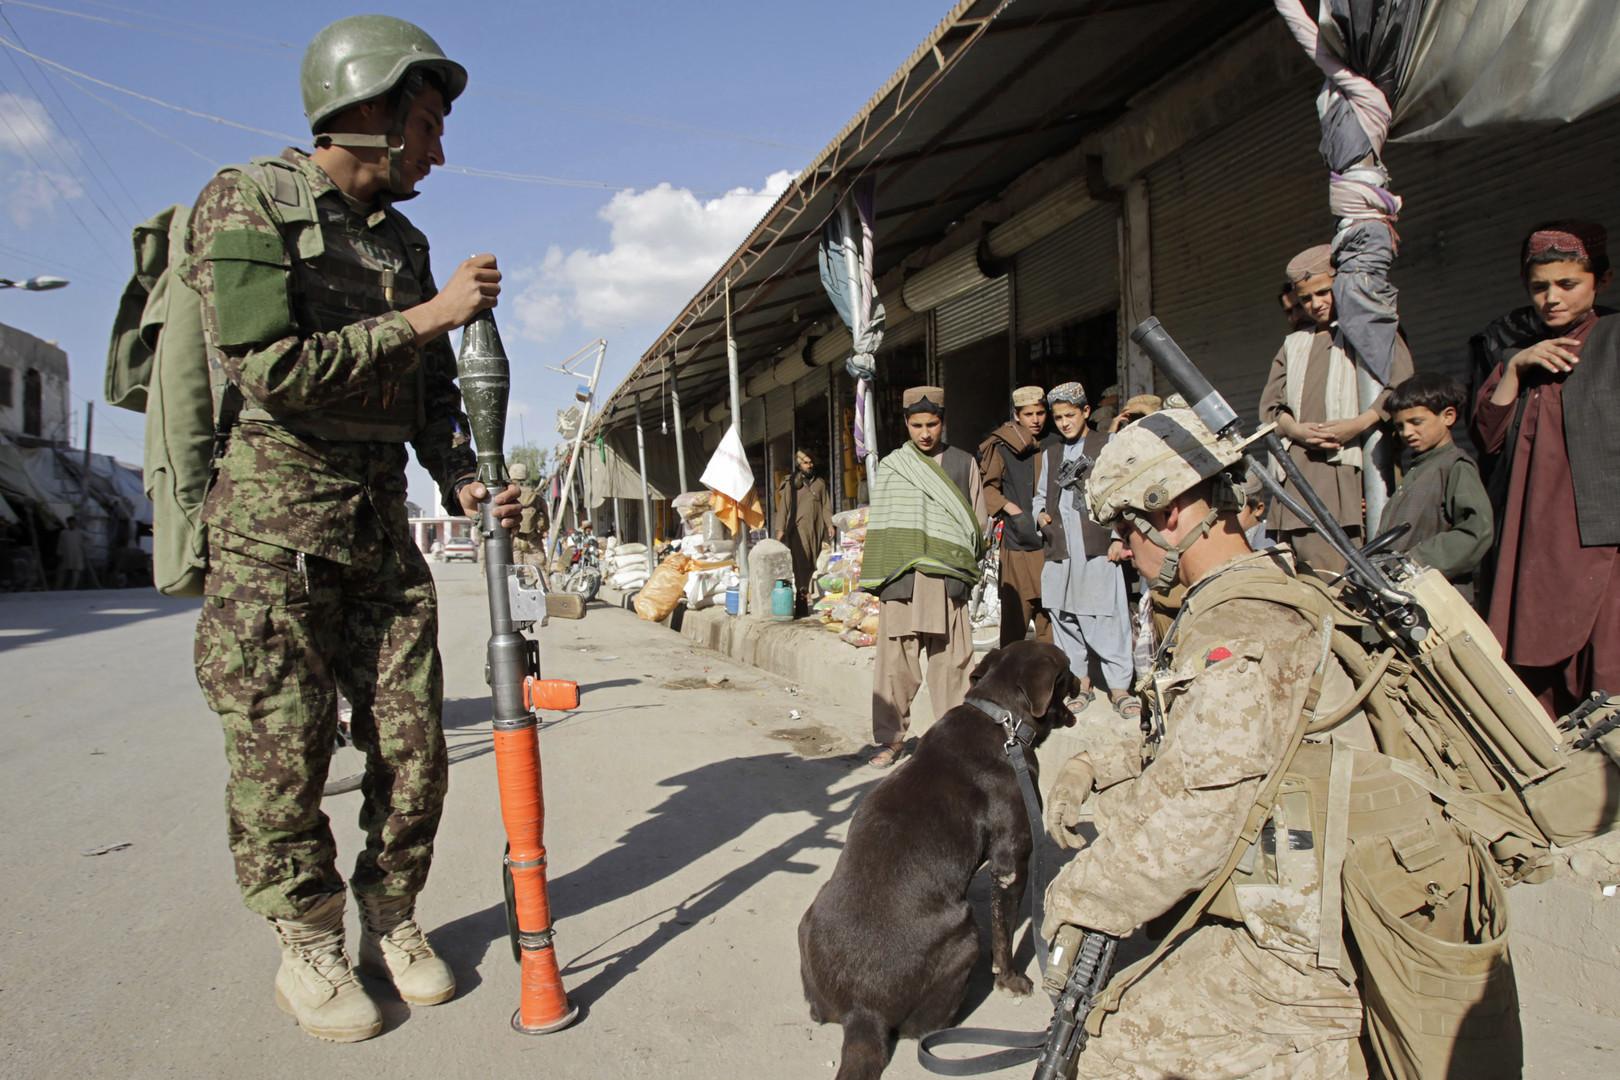 مشاة البحرية الأمريكية سيرابطون في أفغانستان